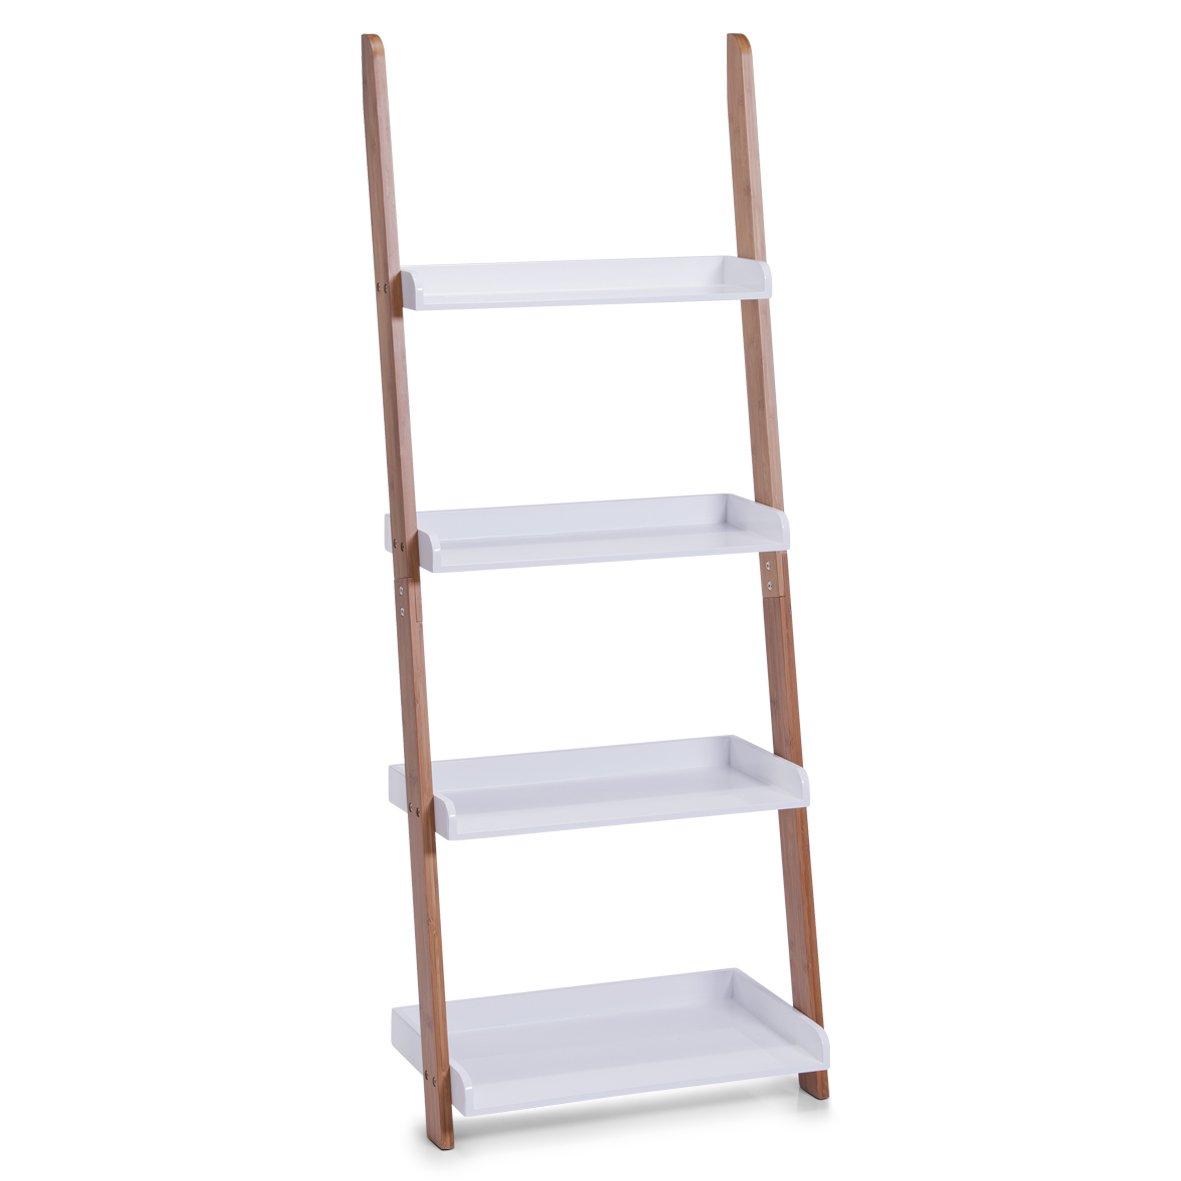 Zeller 18632 Leiter-Regal mit 4 Böden, Bamboo Mitteldichte Holzfaserplatte (MDF), 55 x 30 x 145 cm, weiß